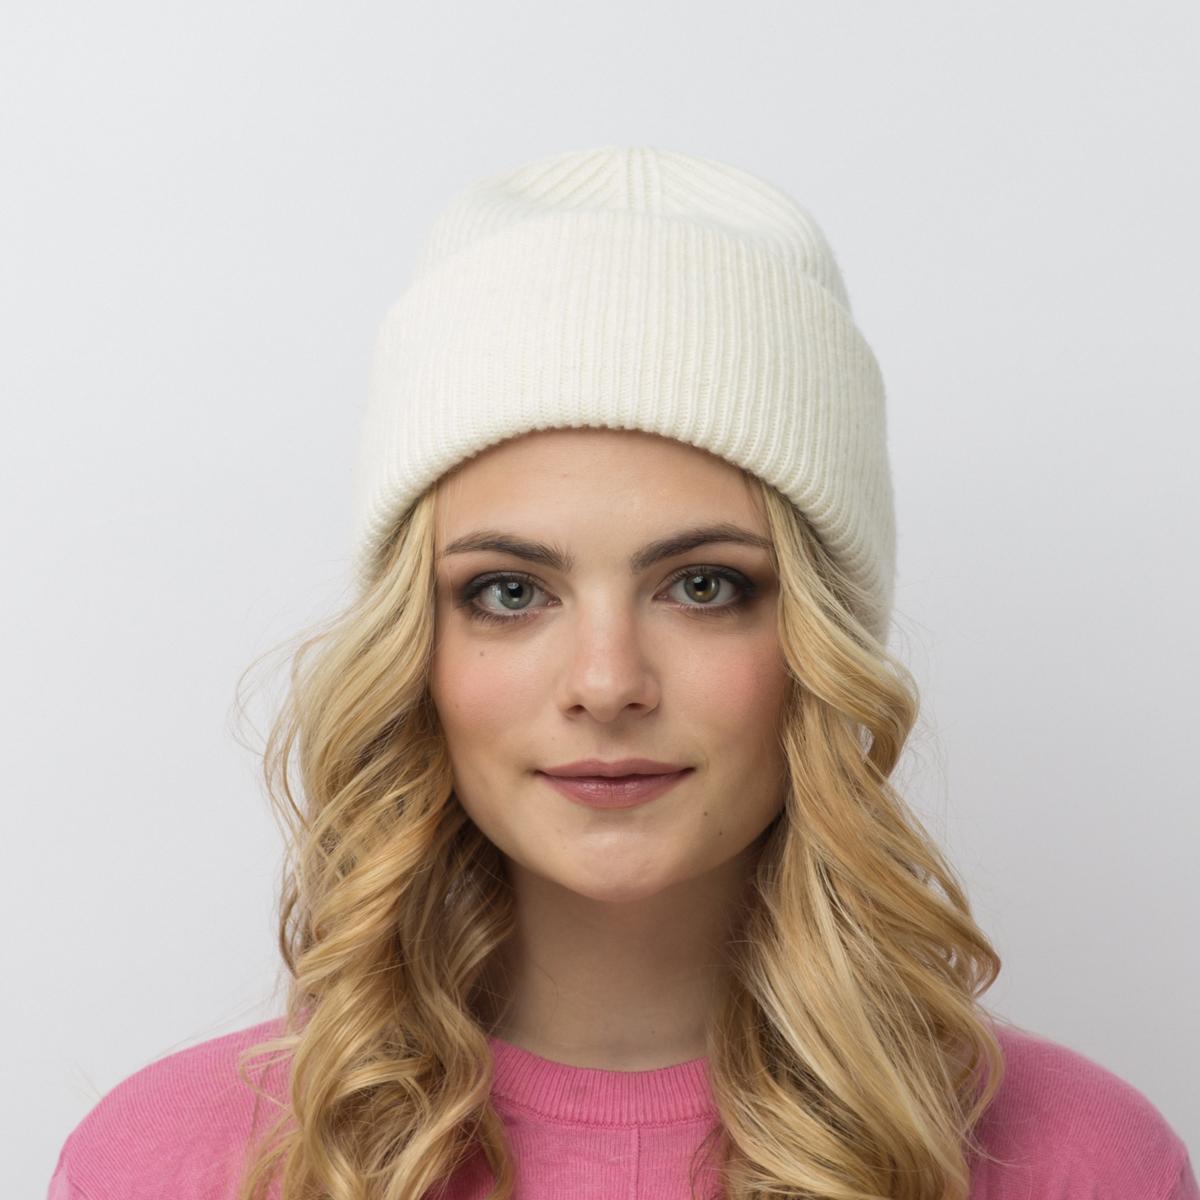 Шапка женская Flioraj, цвет: белый. 08FJ. Размер 56/5808FJДвойная шерстяная шапка-колпачок от Flioraj, выполненная из овечьей шерсти, альпаки и кашемира, поднимет настроение и отлично согреет в холодную погоду. Состав пряжи делает изделие мягким, теплым и комфортным. Такую шапочку можно носить с любым видом верхней одежды, достаточно только определиться с цветом.